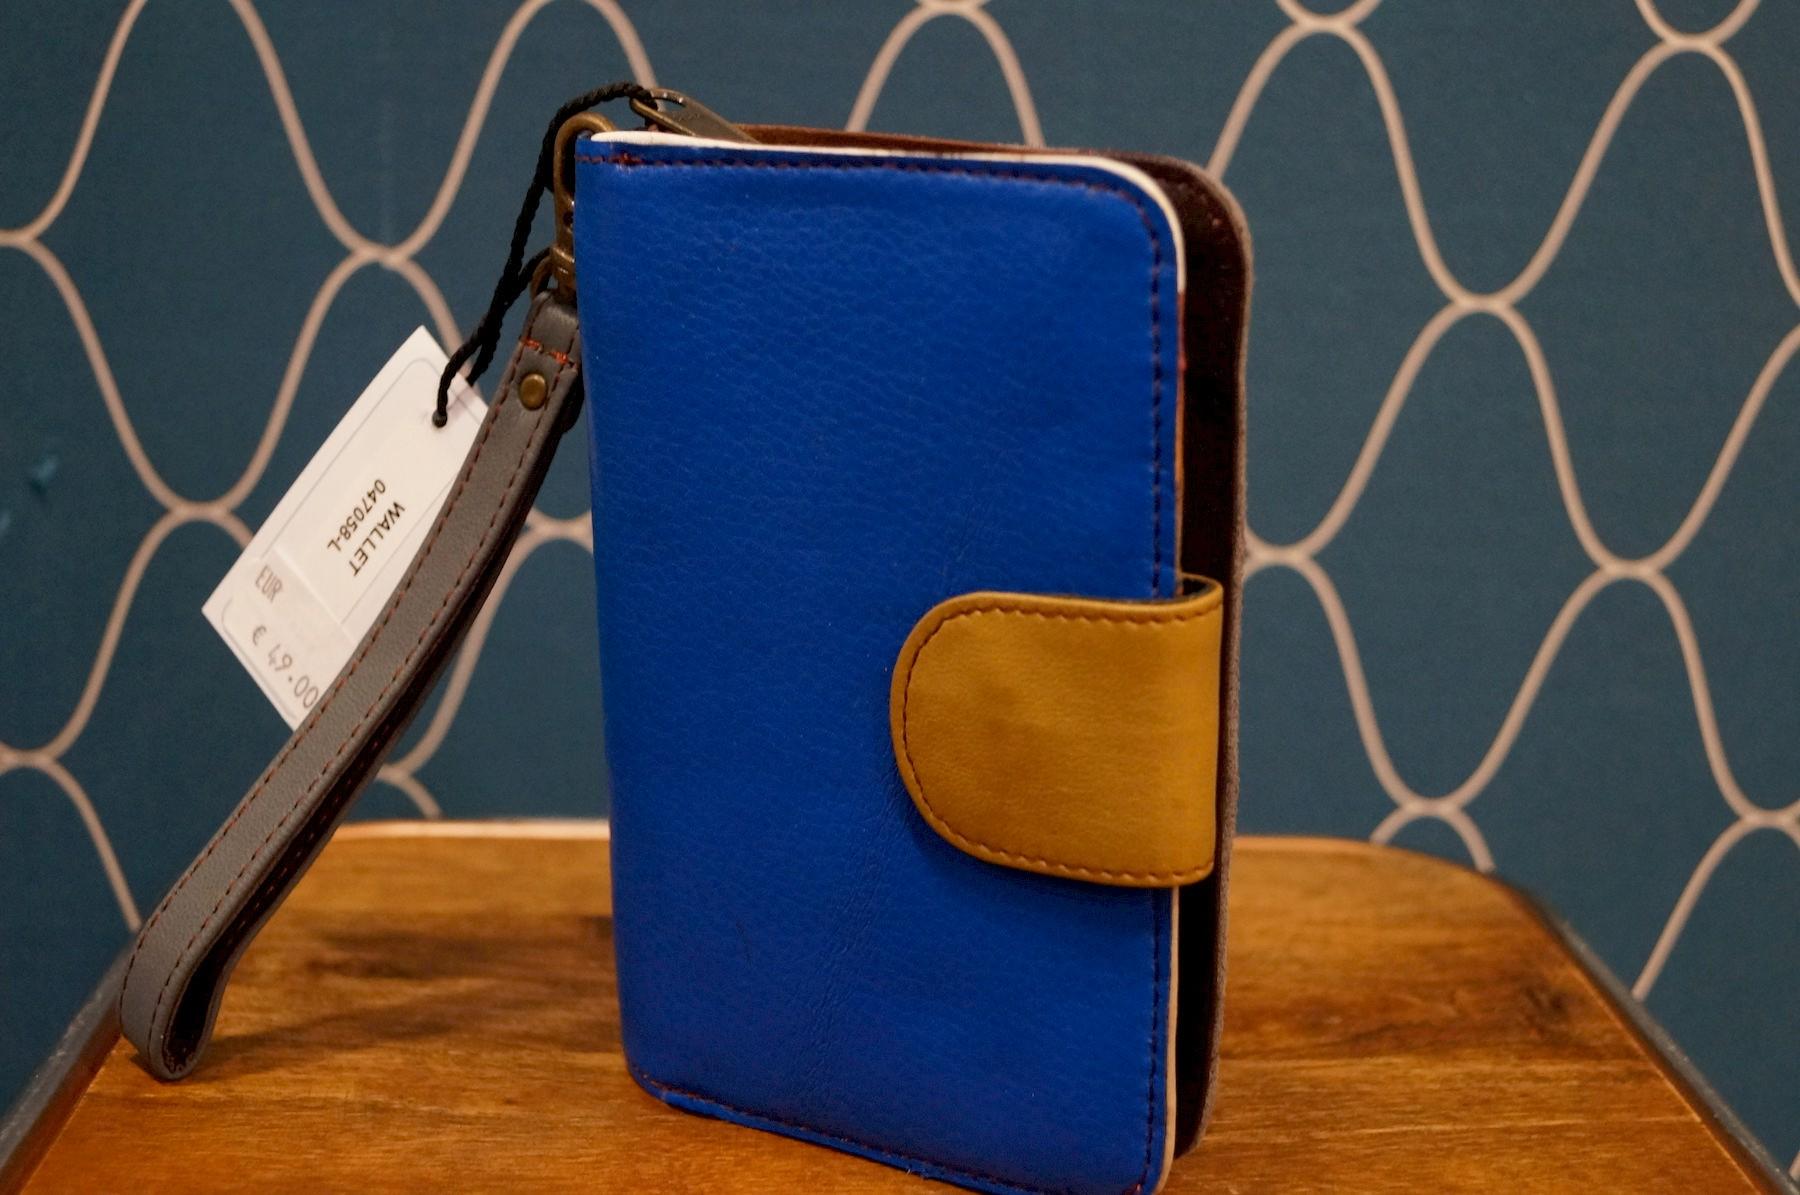 Porte monnaie compact en cuir Soruka